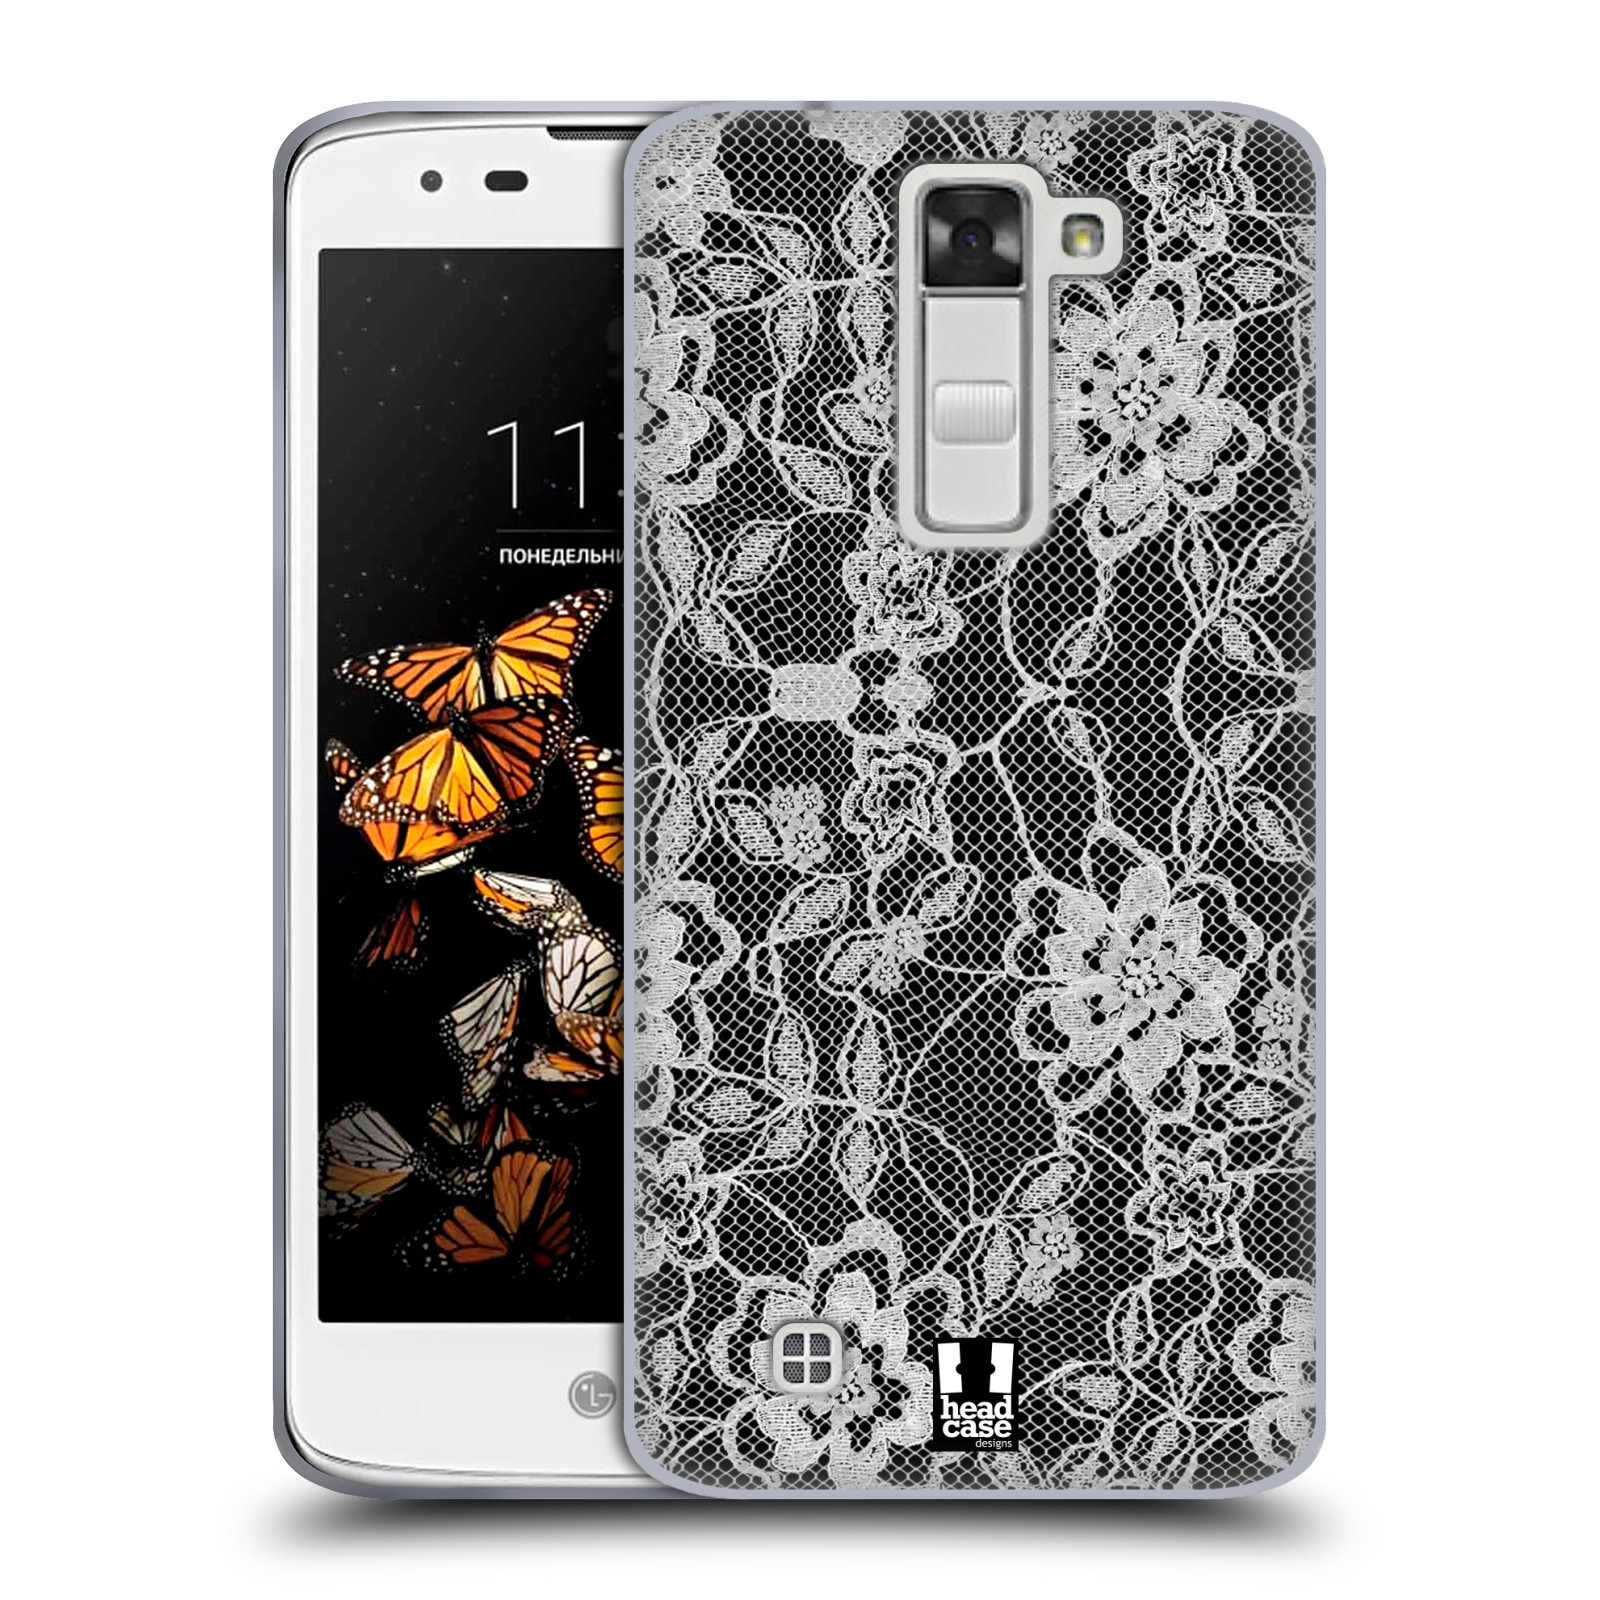 Silikonové pouzdro na mobil LG K8 HEAD CASE FLOWERY KRAJKA (Silikonový kryt či obal na mobilní telefon LG K8 K350)